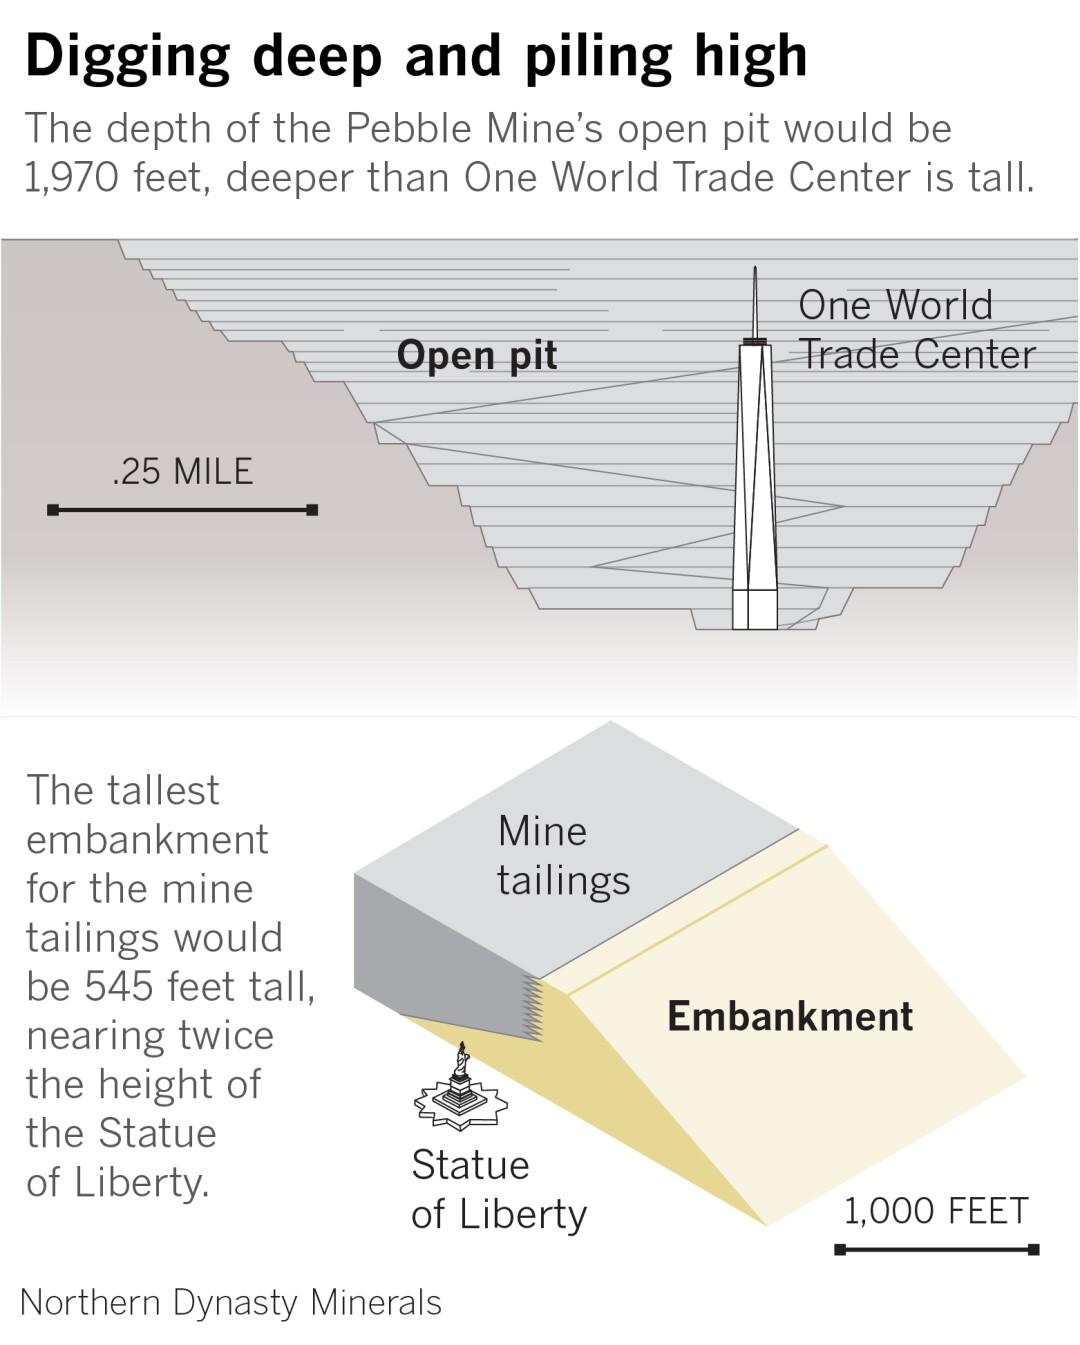 Pebble Mine's depth